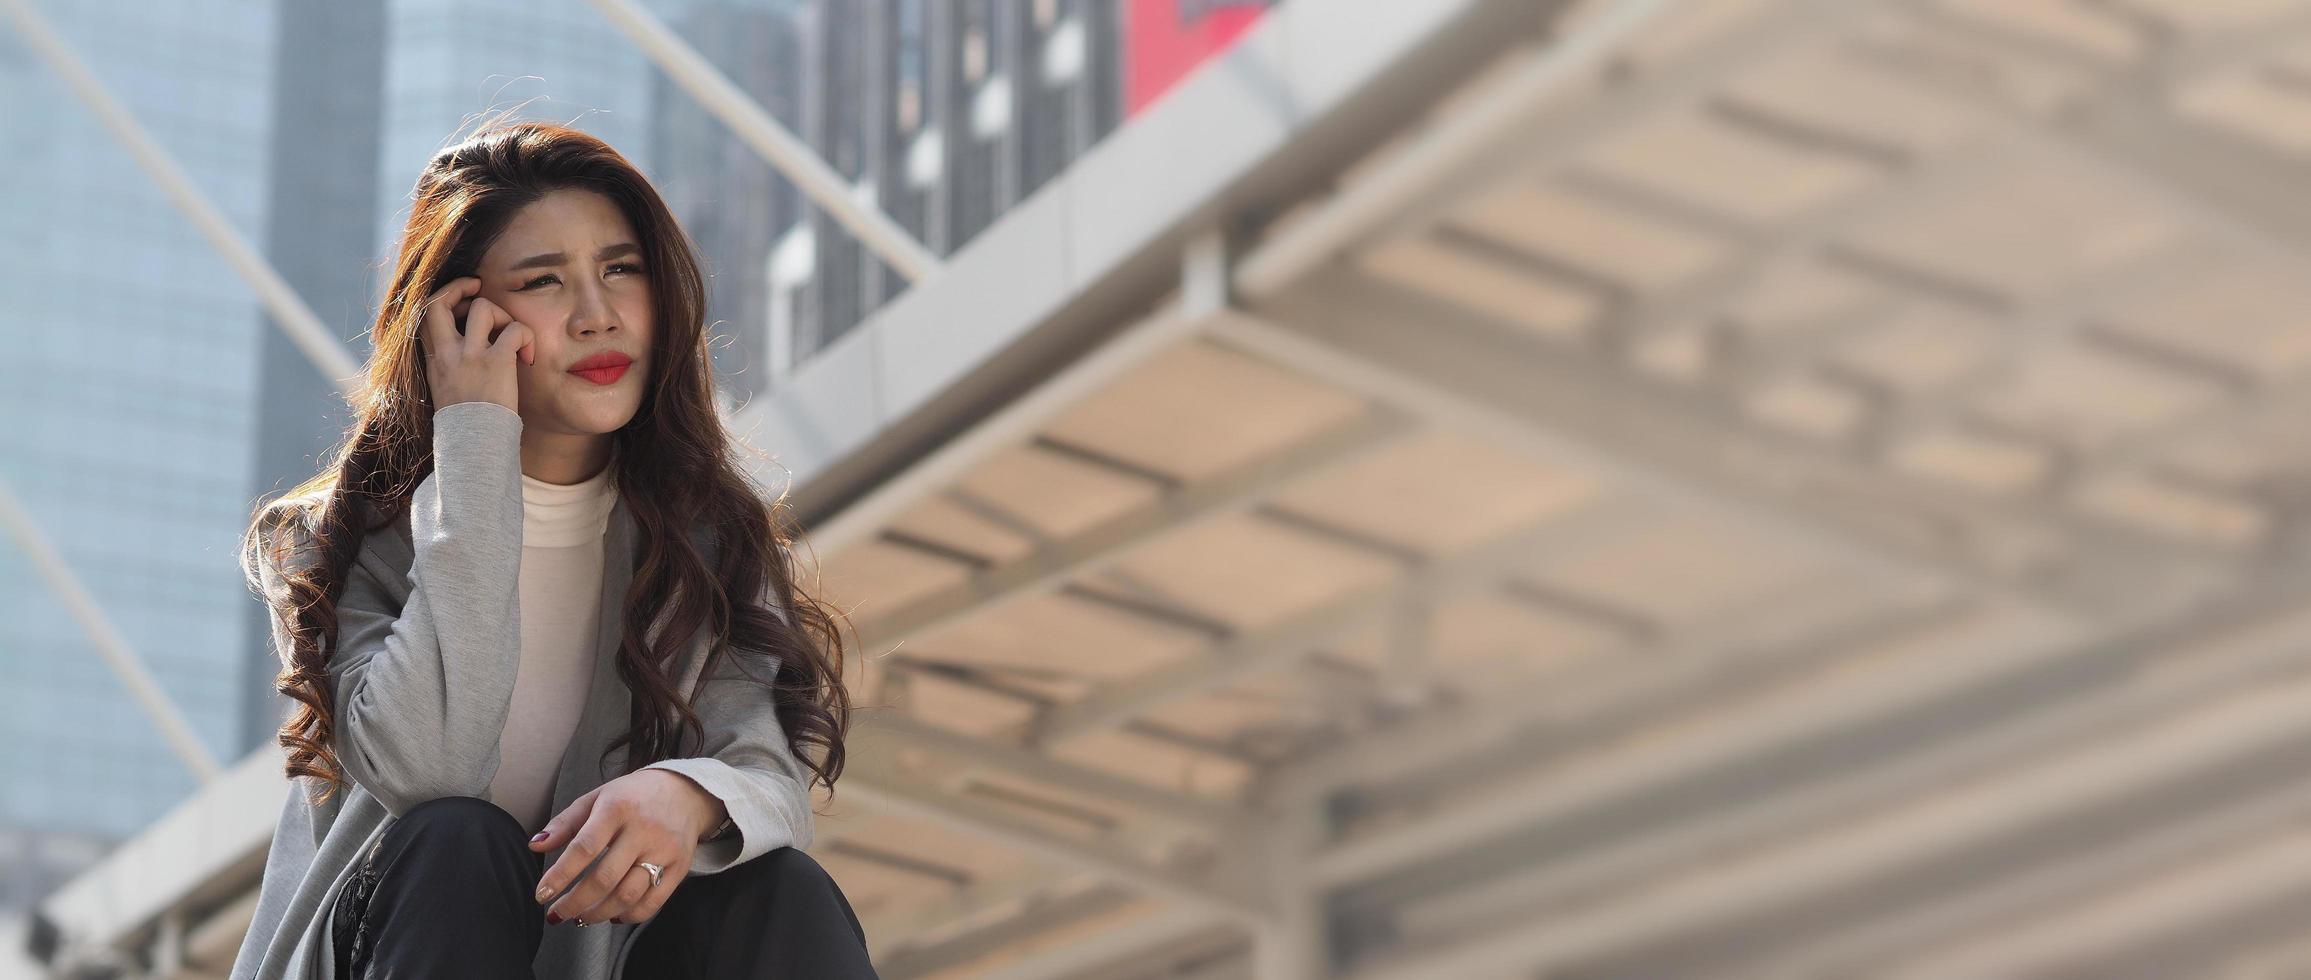 Licencier. limogé. femme d'affaires congédiée assise dans les escaliers d'un immeuble de bureaux à l'extérieur. photo